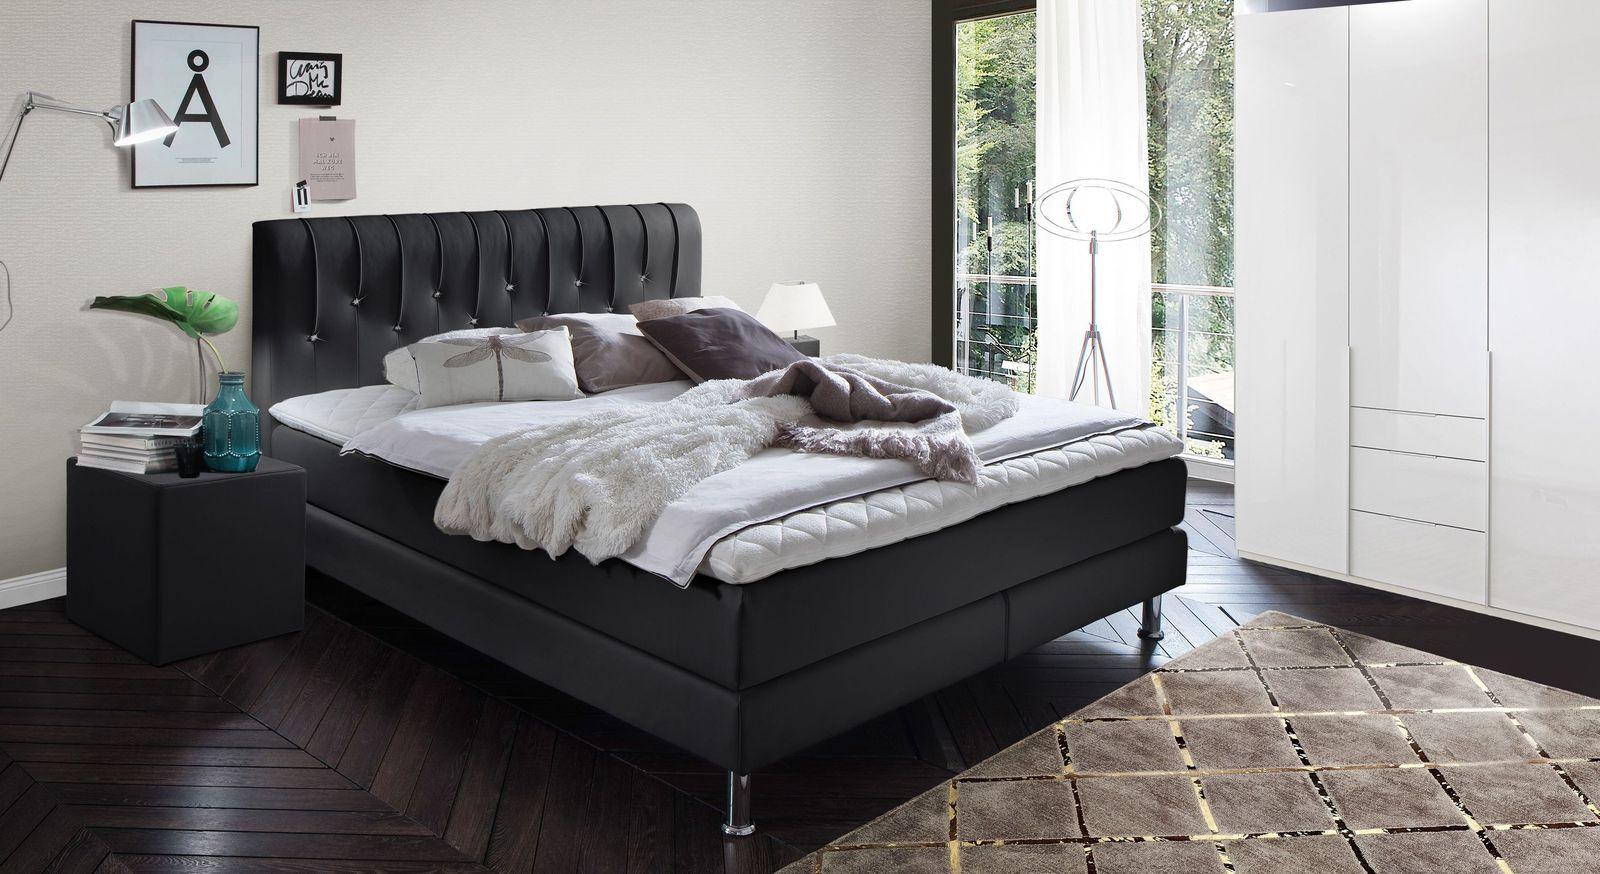 Boxspringbett Zinola mit passender Schlafzimmer-Einrichtung